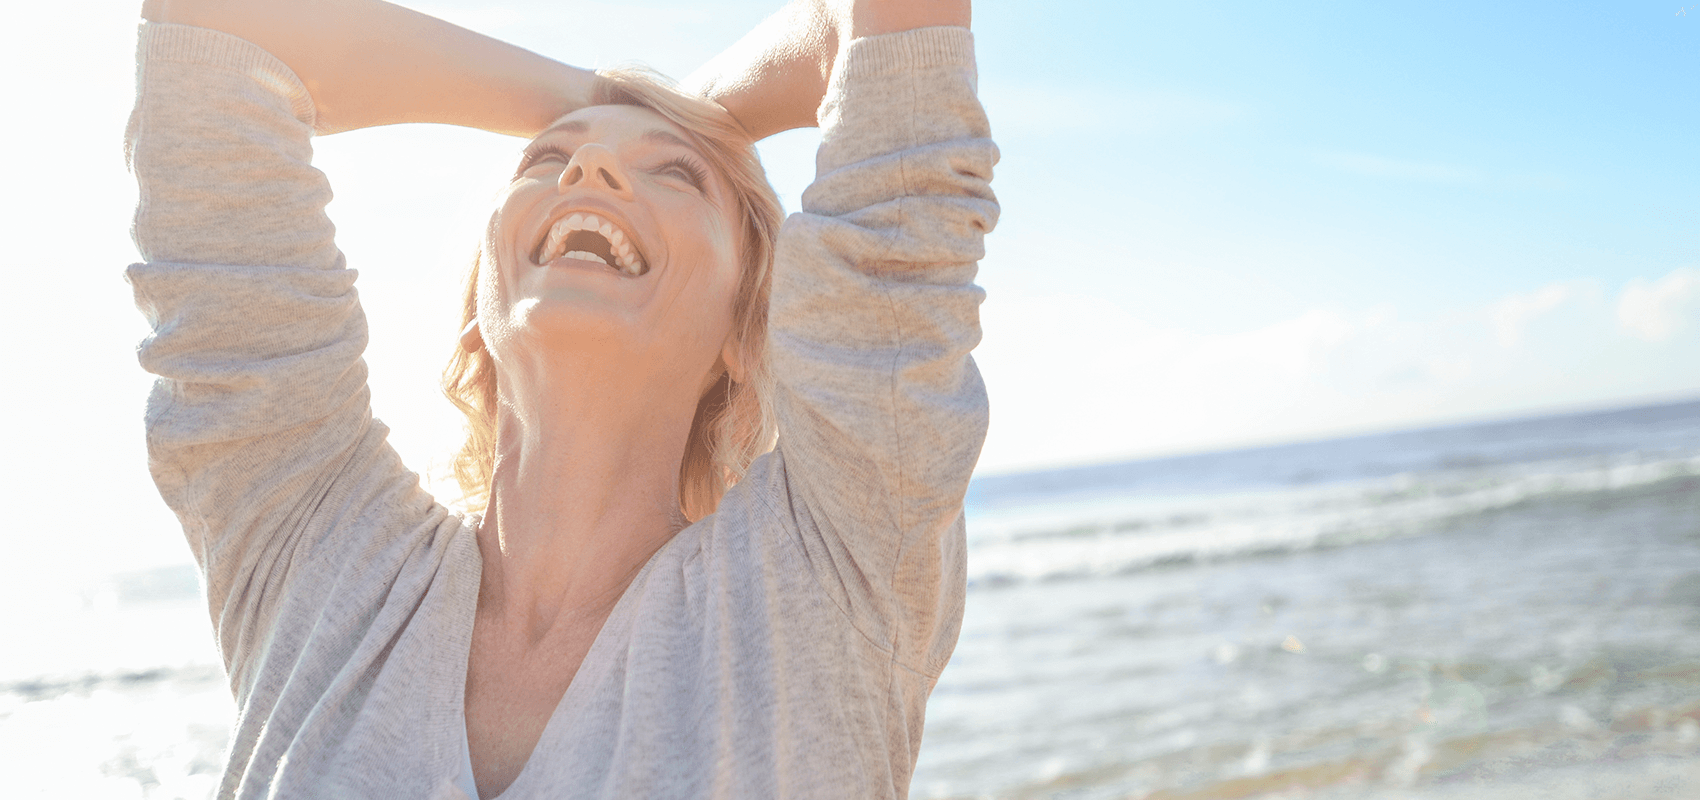 glückliche Frau an der Nordsee